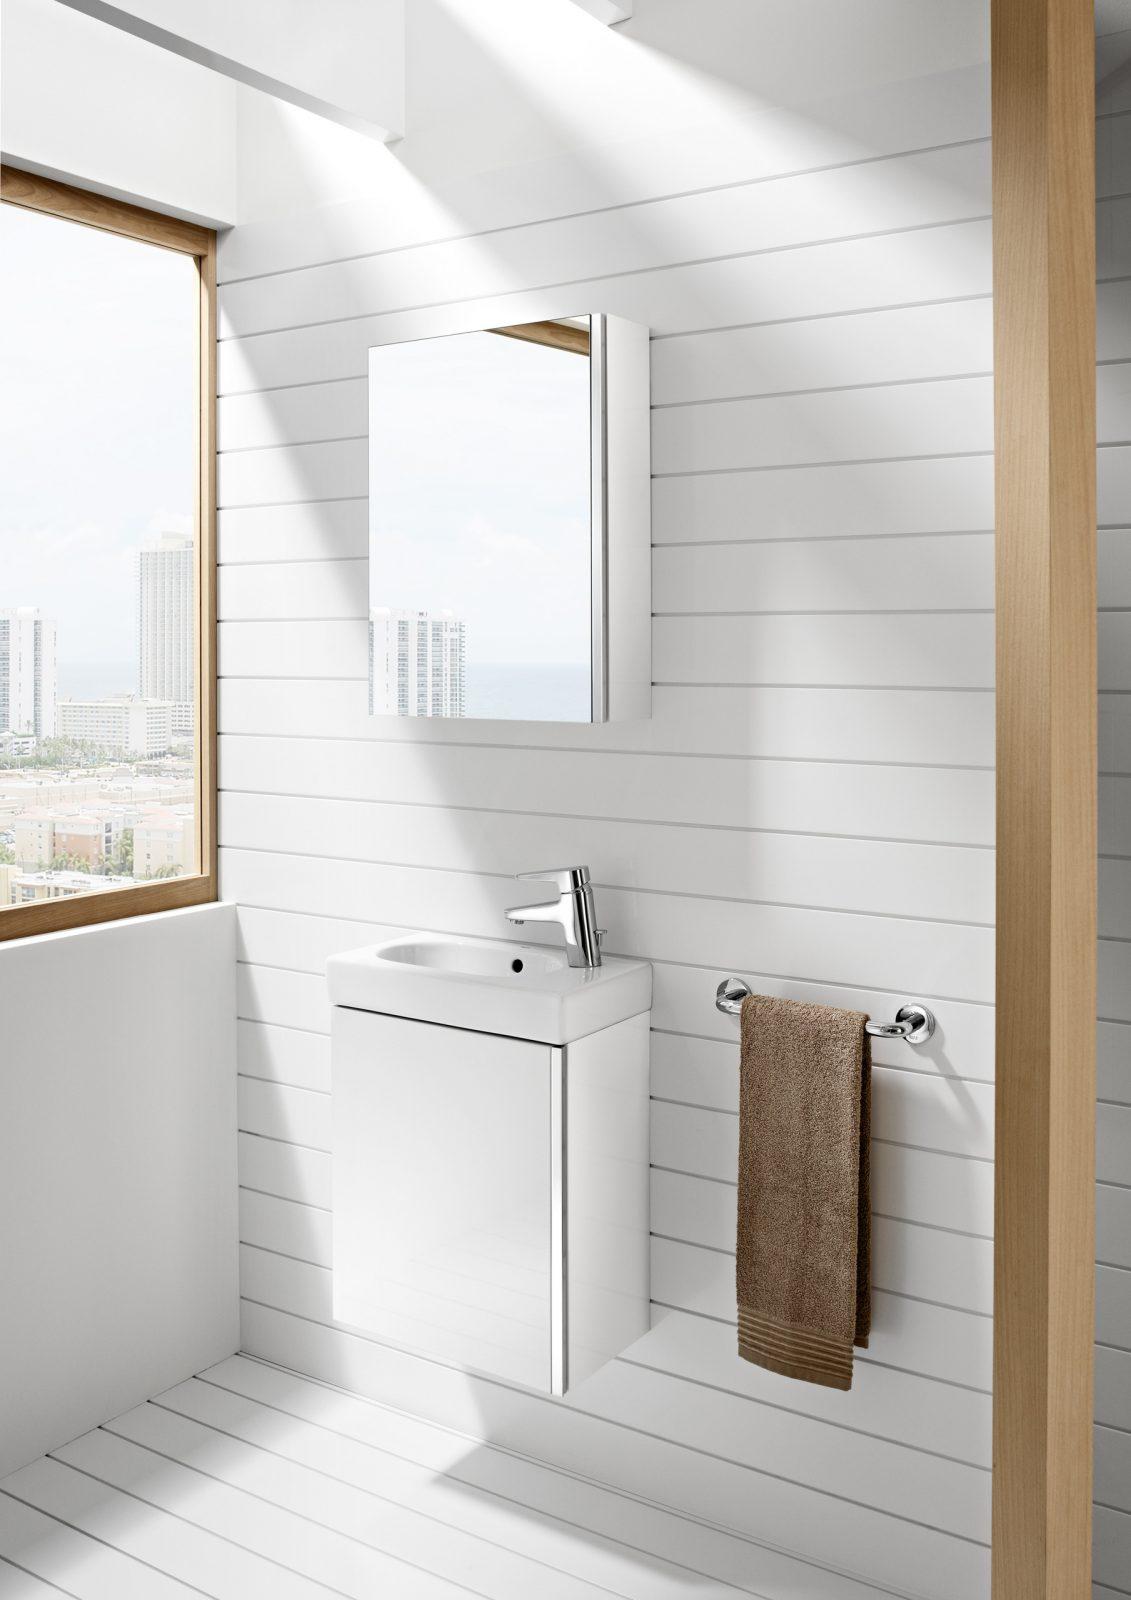 Lavabos lave main dans la salle de bain fiche produit for Mini lavabo salle de bain